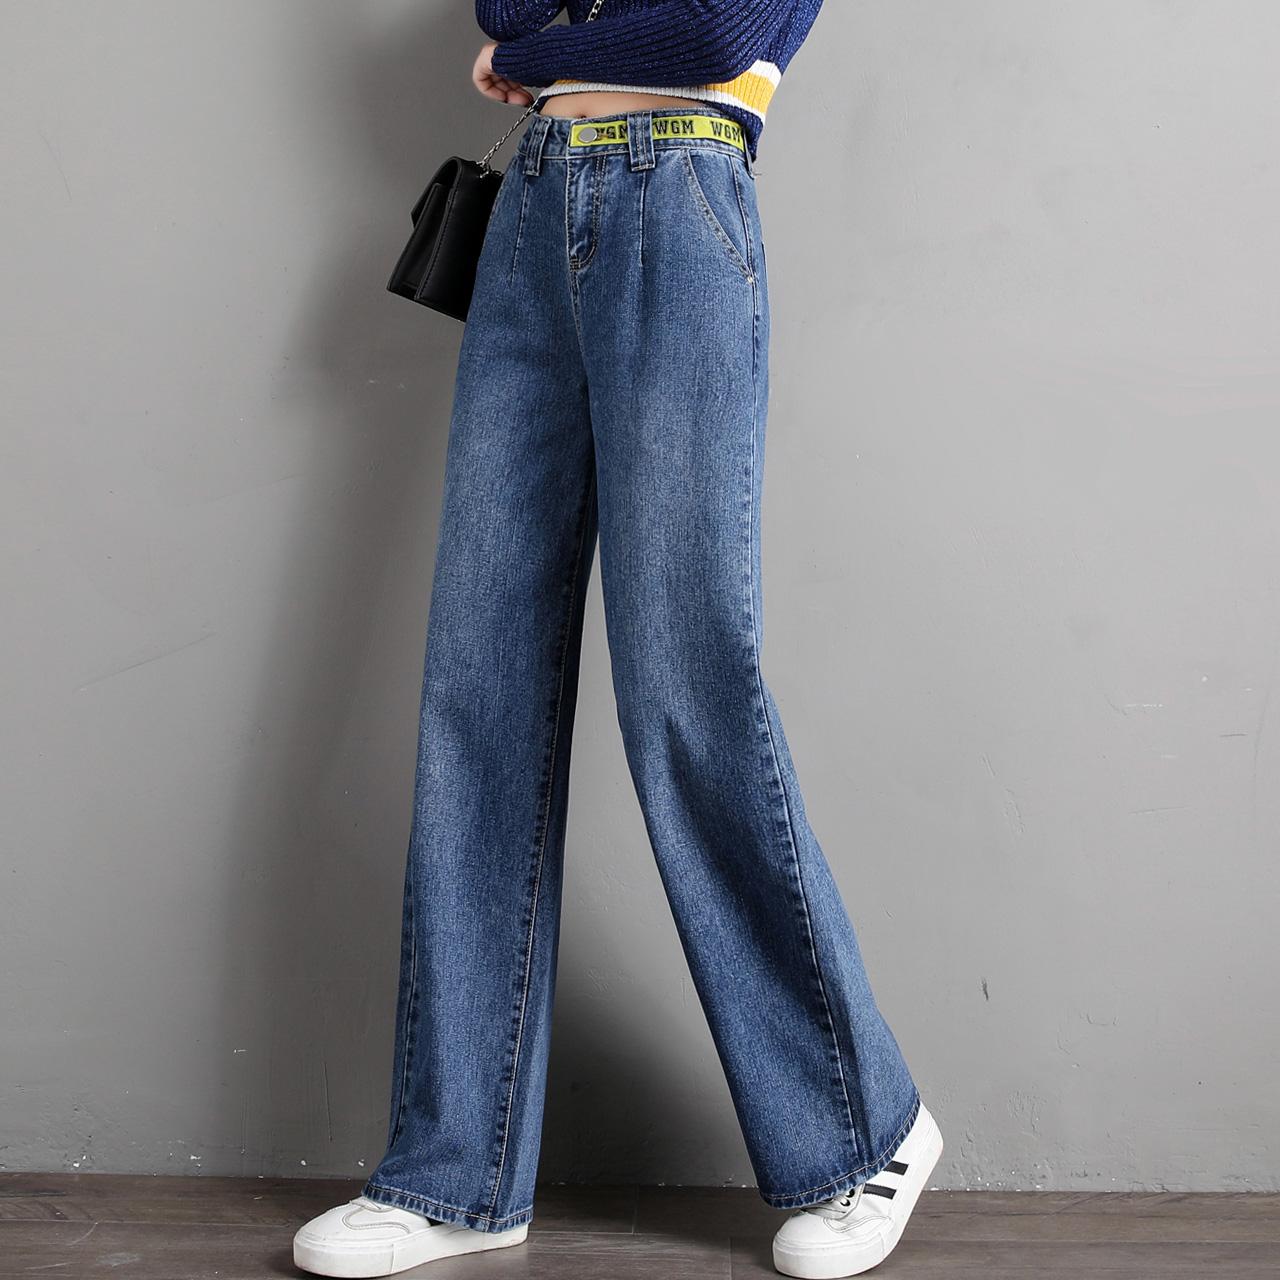 女士直筒宽松阔腿裤高腰垂感牛仔裤(非品牌)